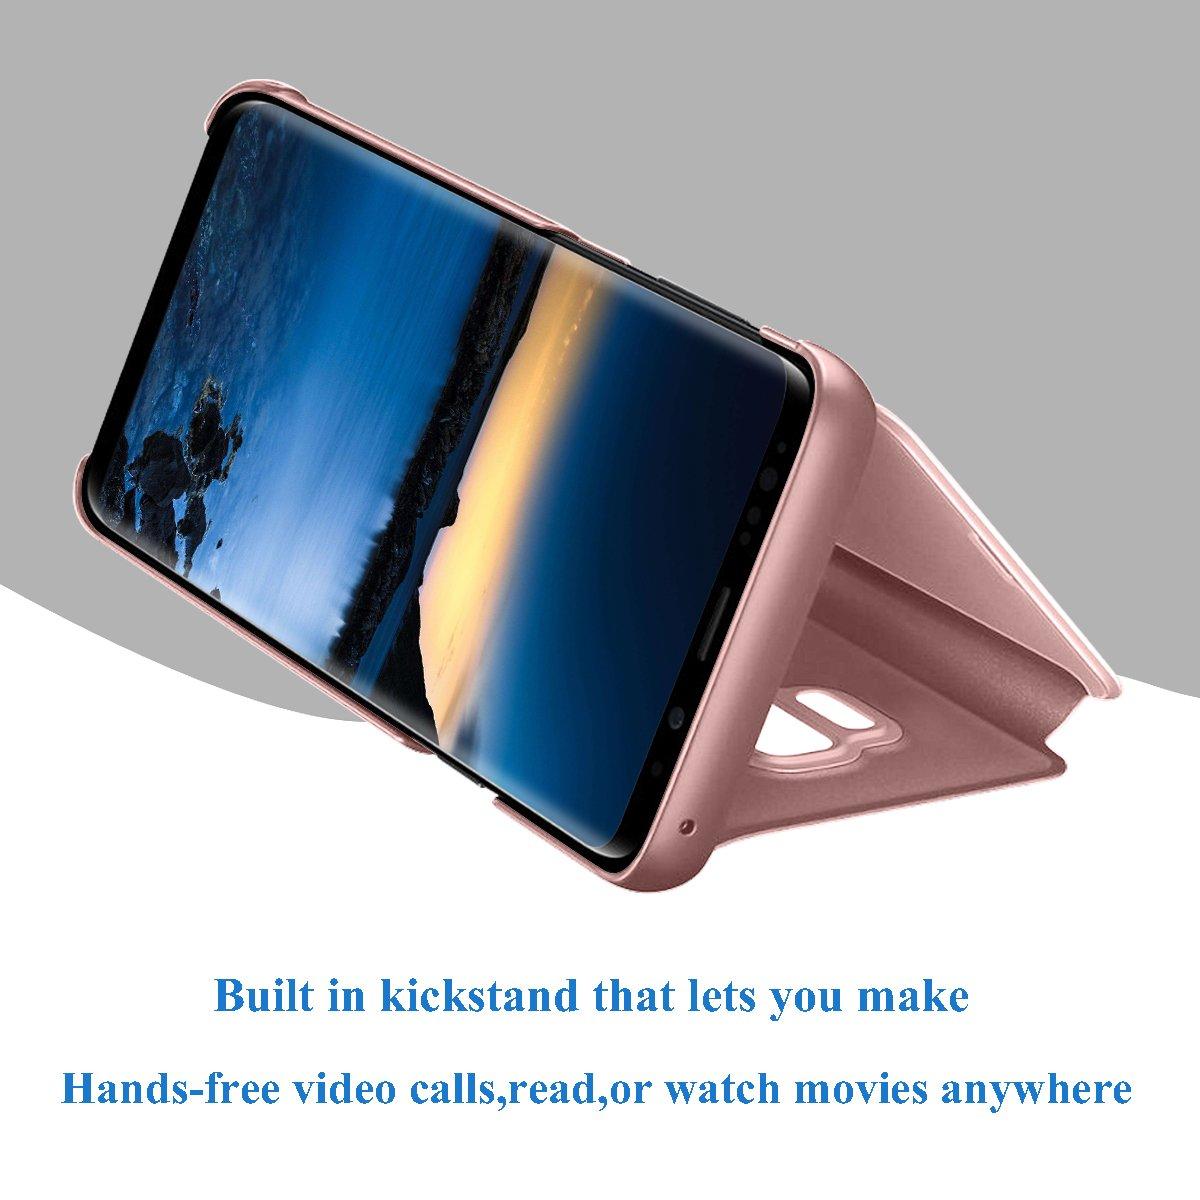 Redmi 6A Spiegel Schutzh/ülle PU-Leder Flip Redmi 6 Handytasche mit Standfunktion Redmi 6A Ledertasche 2Buyshop Compatible with Handyh/ülle Xiaomi Redmi 6 H/ülle